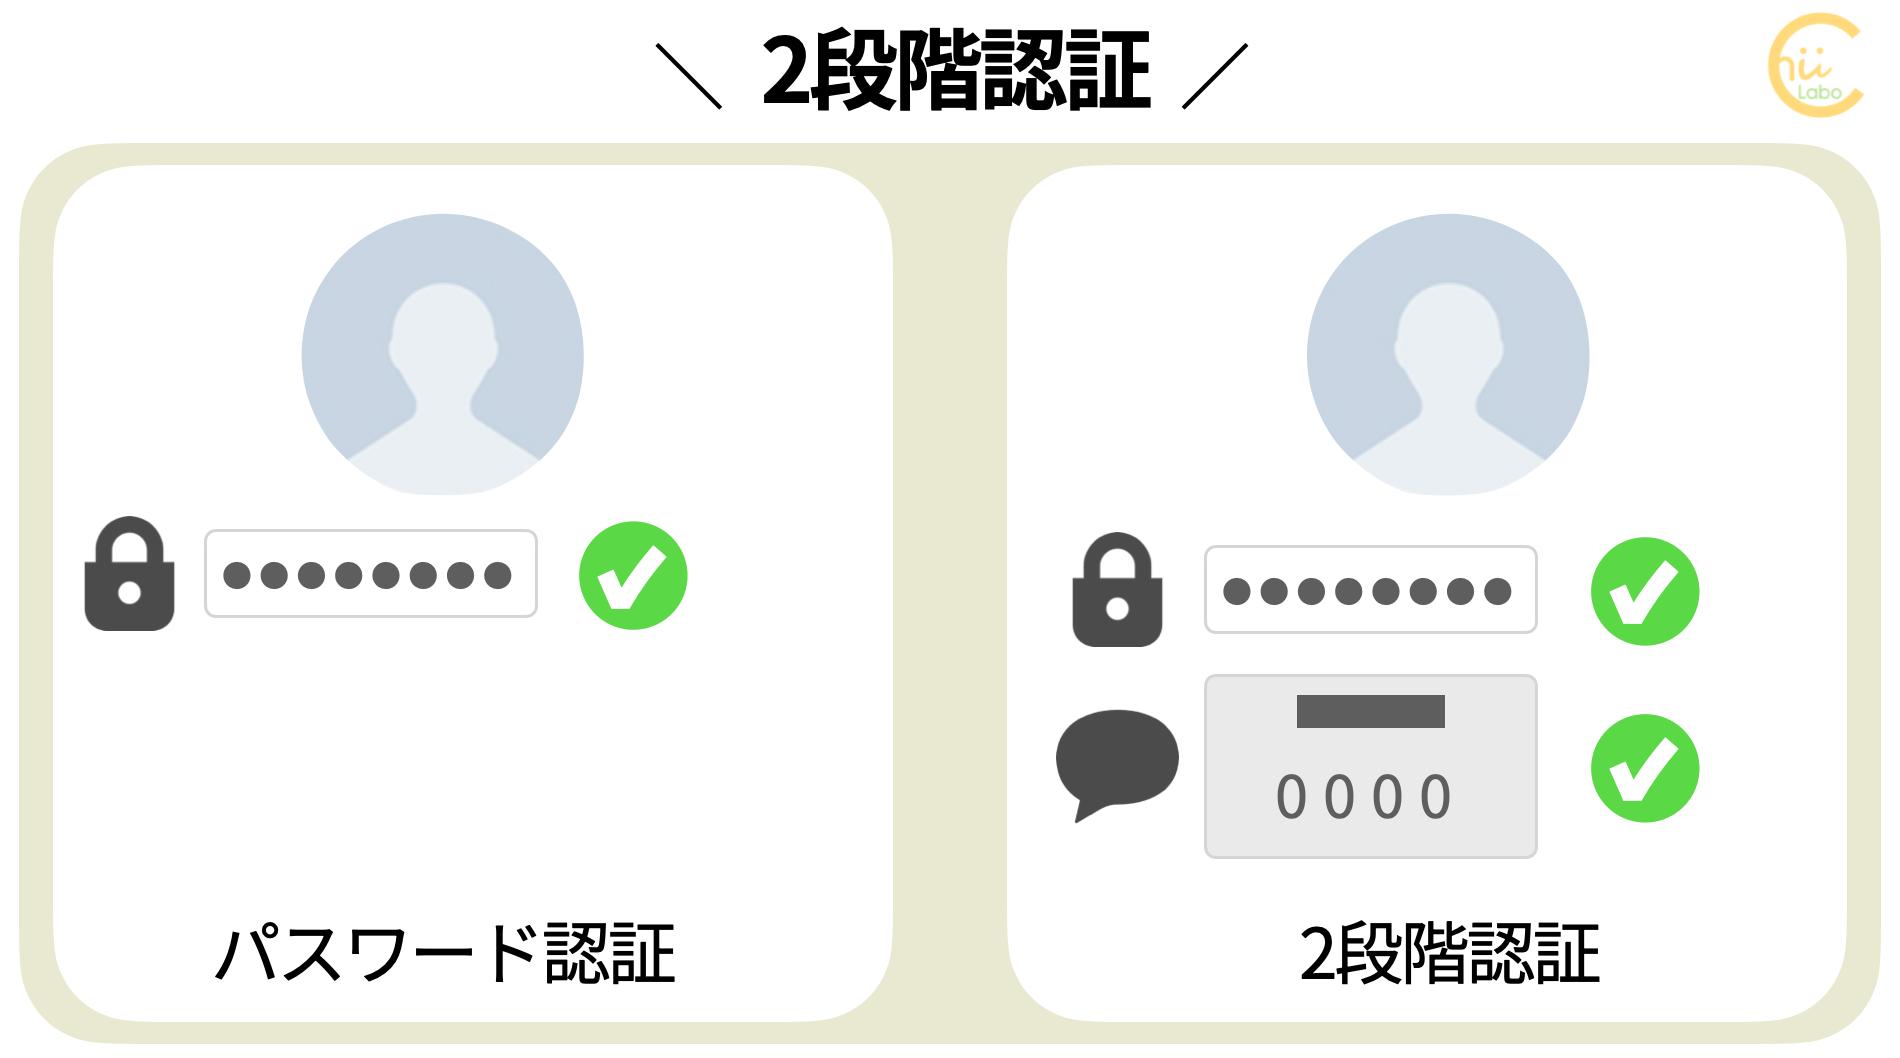 2段階認証のフリー図解